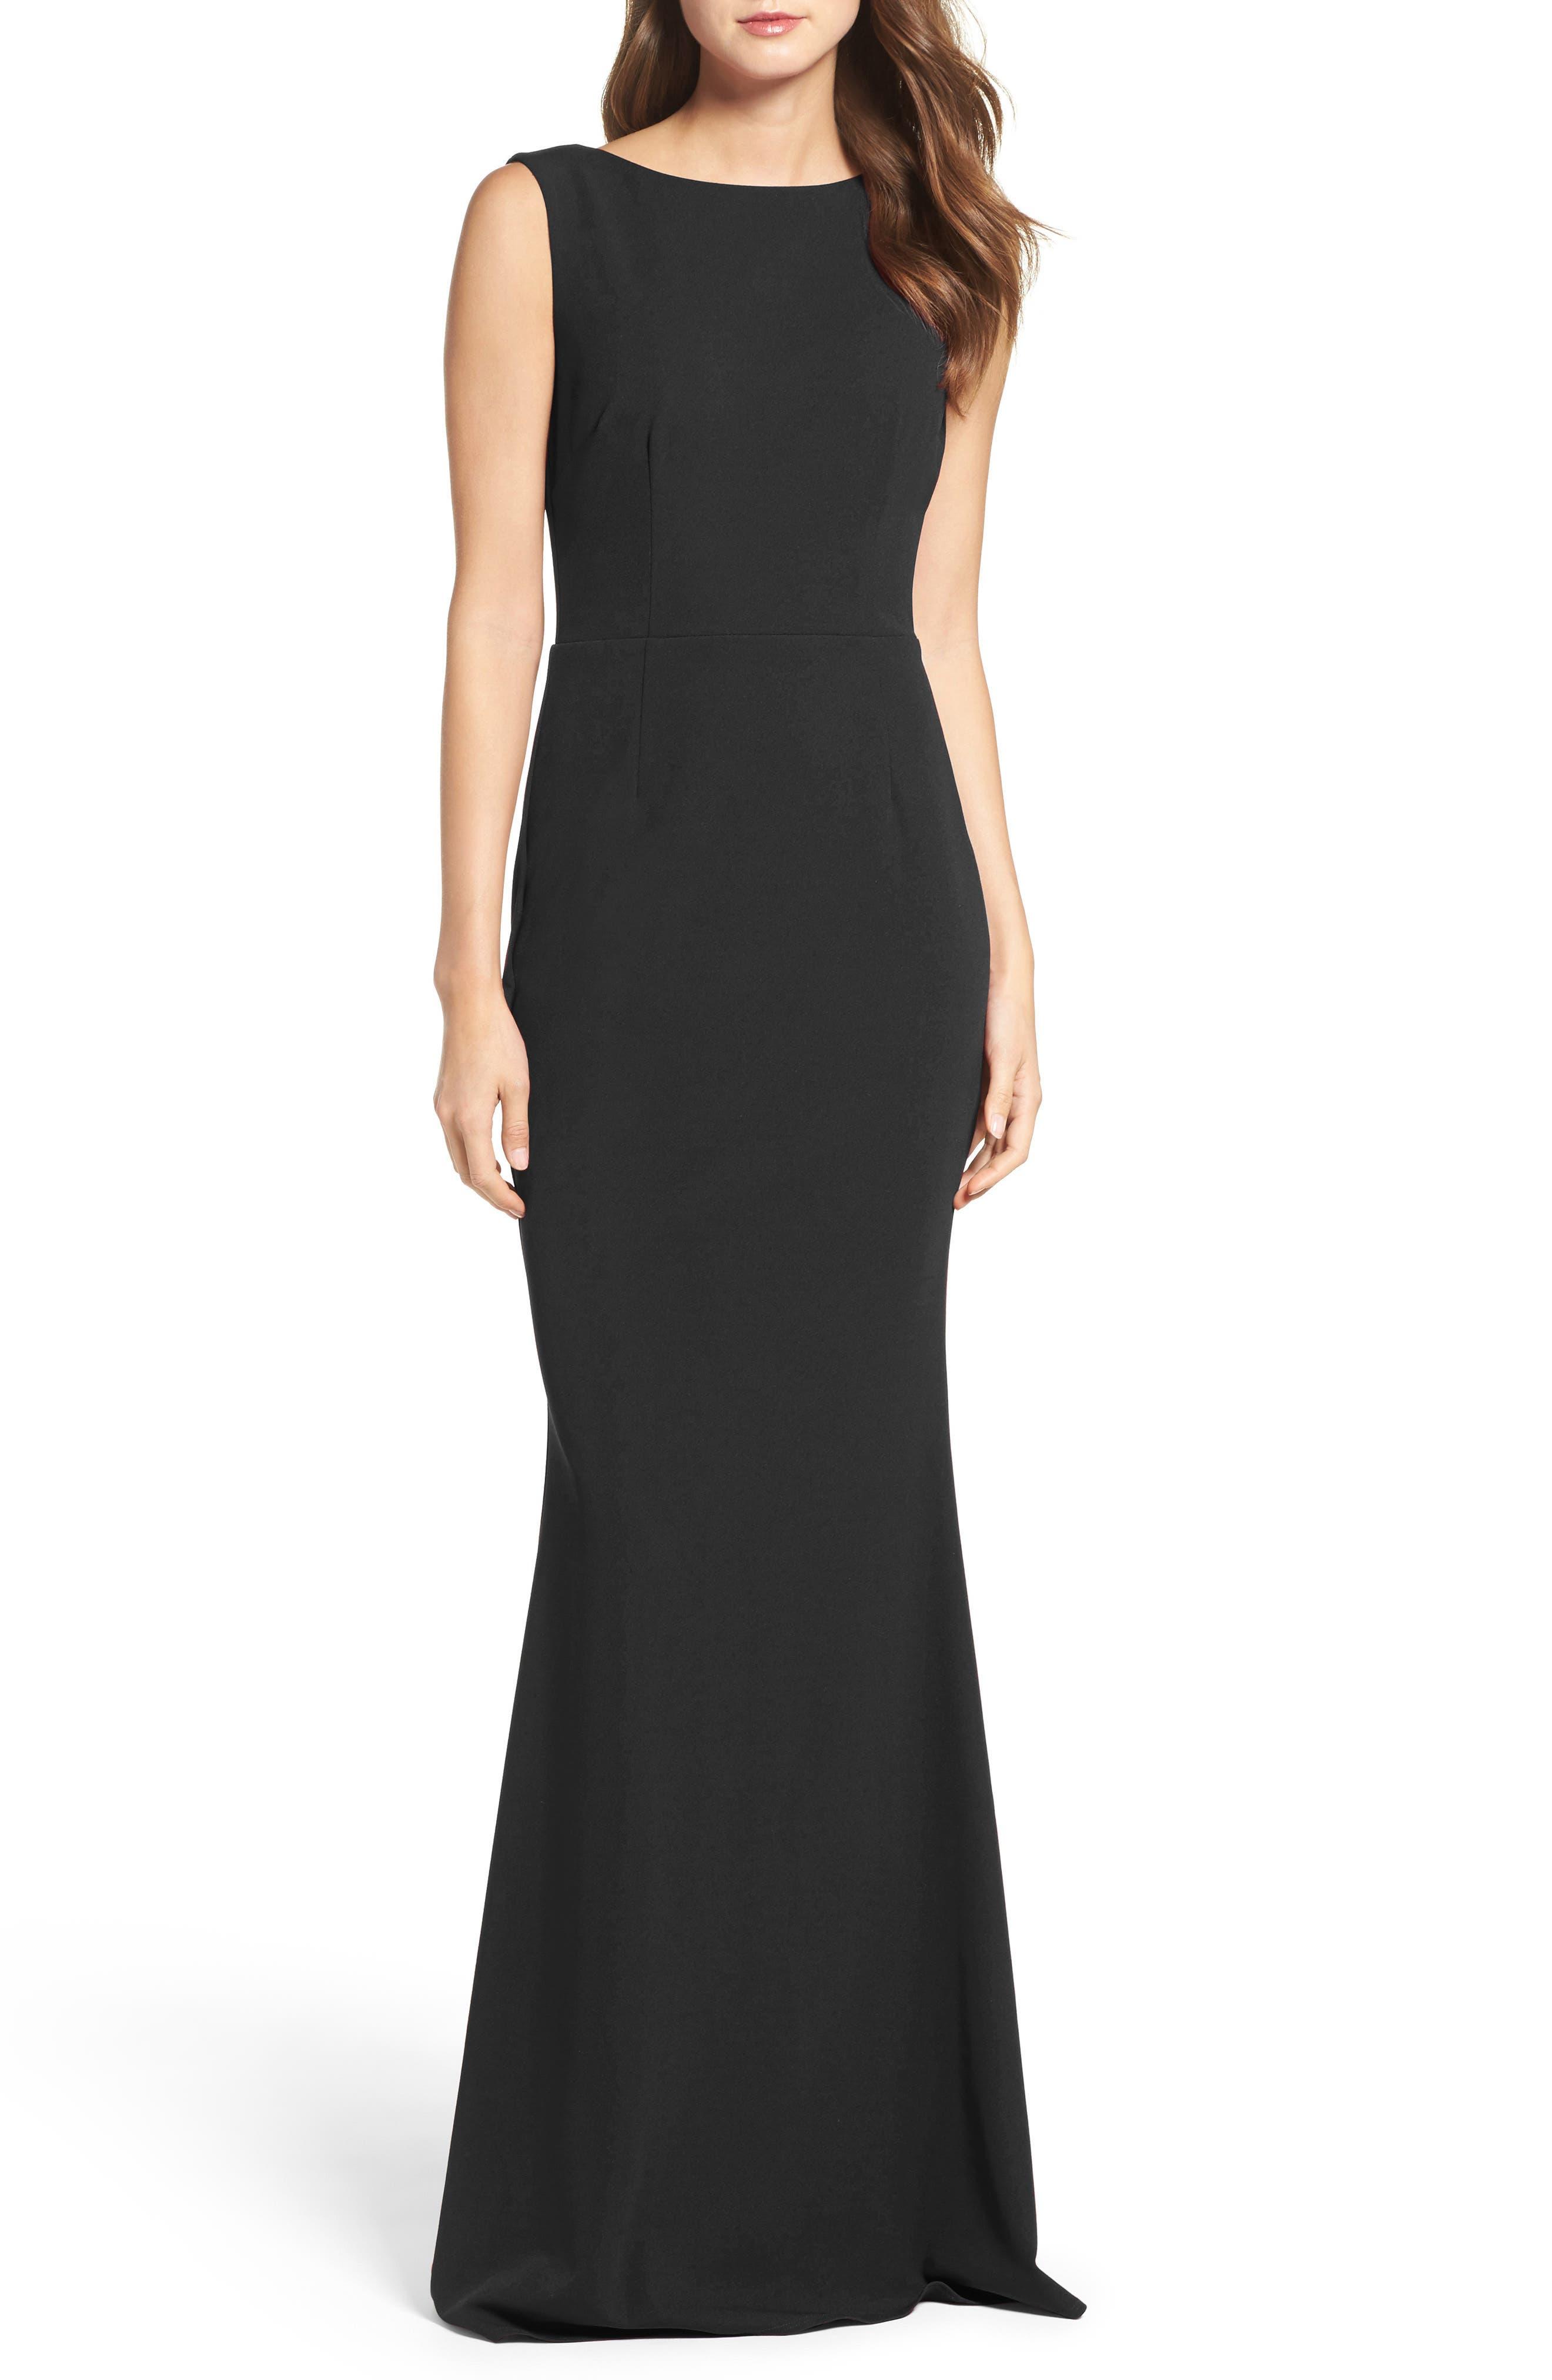 KATIE MAY Vionnet Drape Back Crepe Gown, Main, color, BLACK